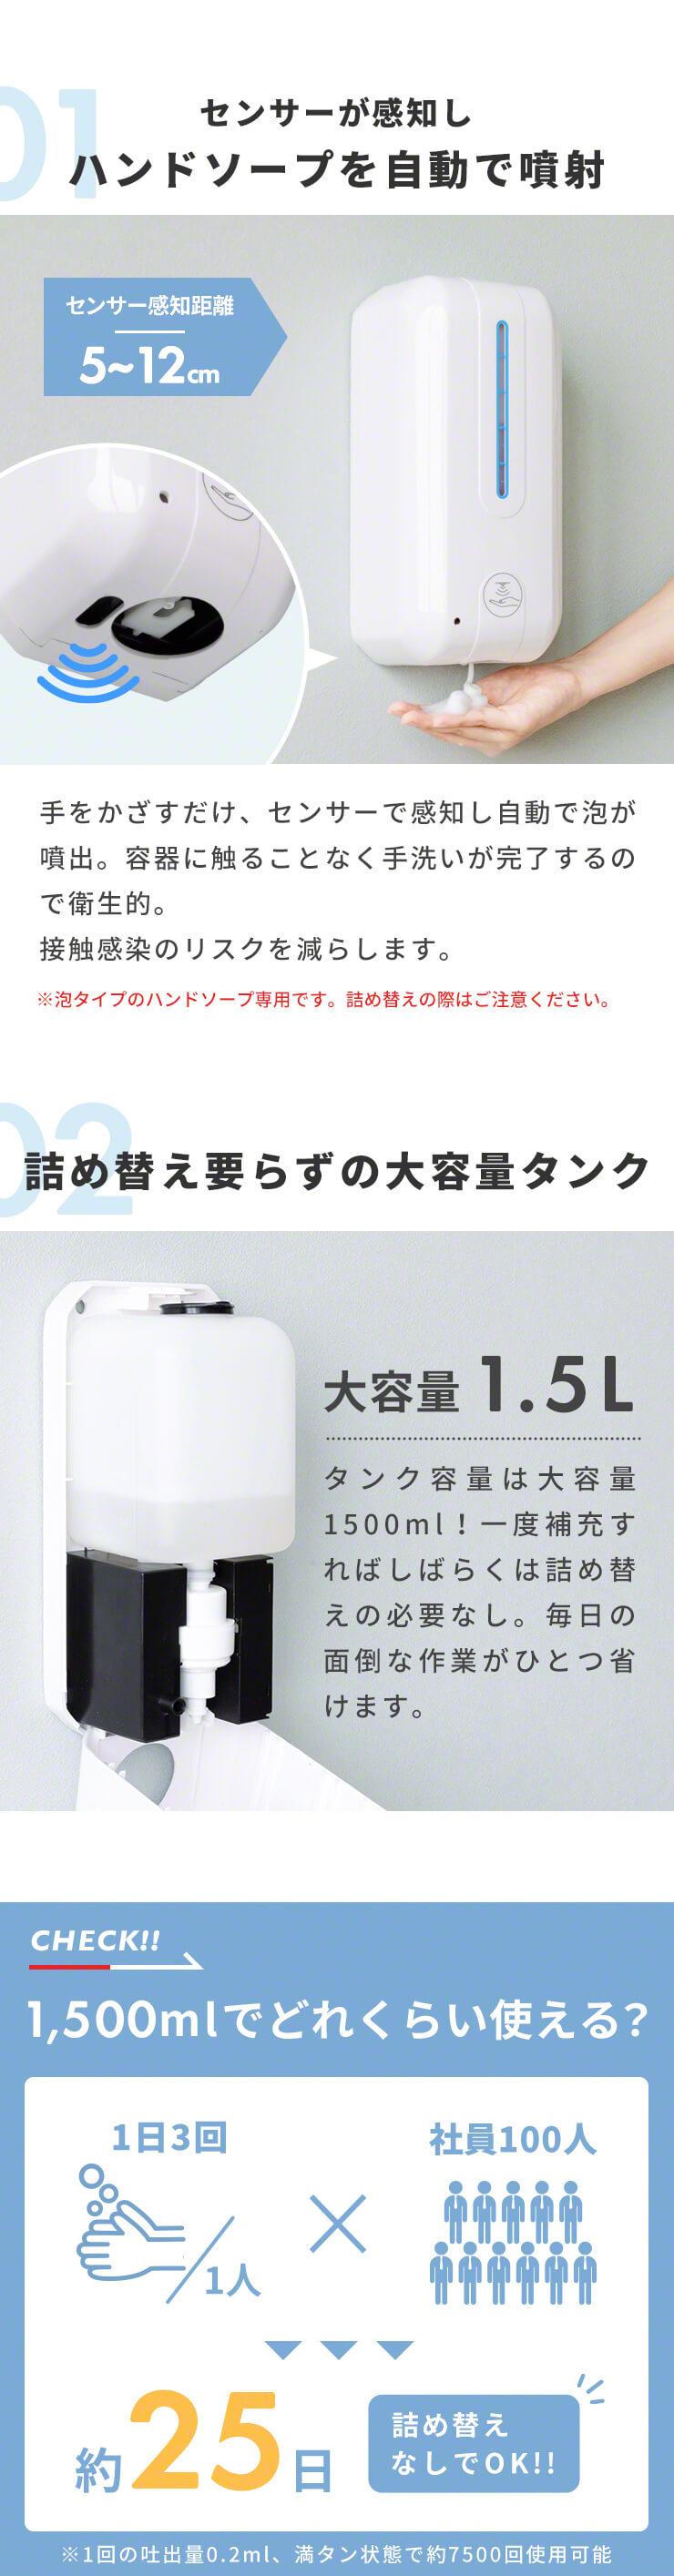 詰め替え要らずの大容量タンク1.5L